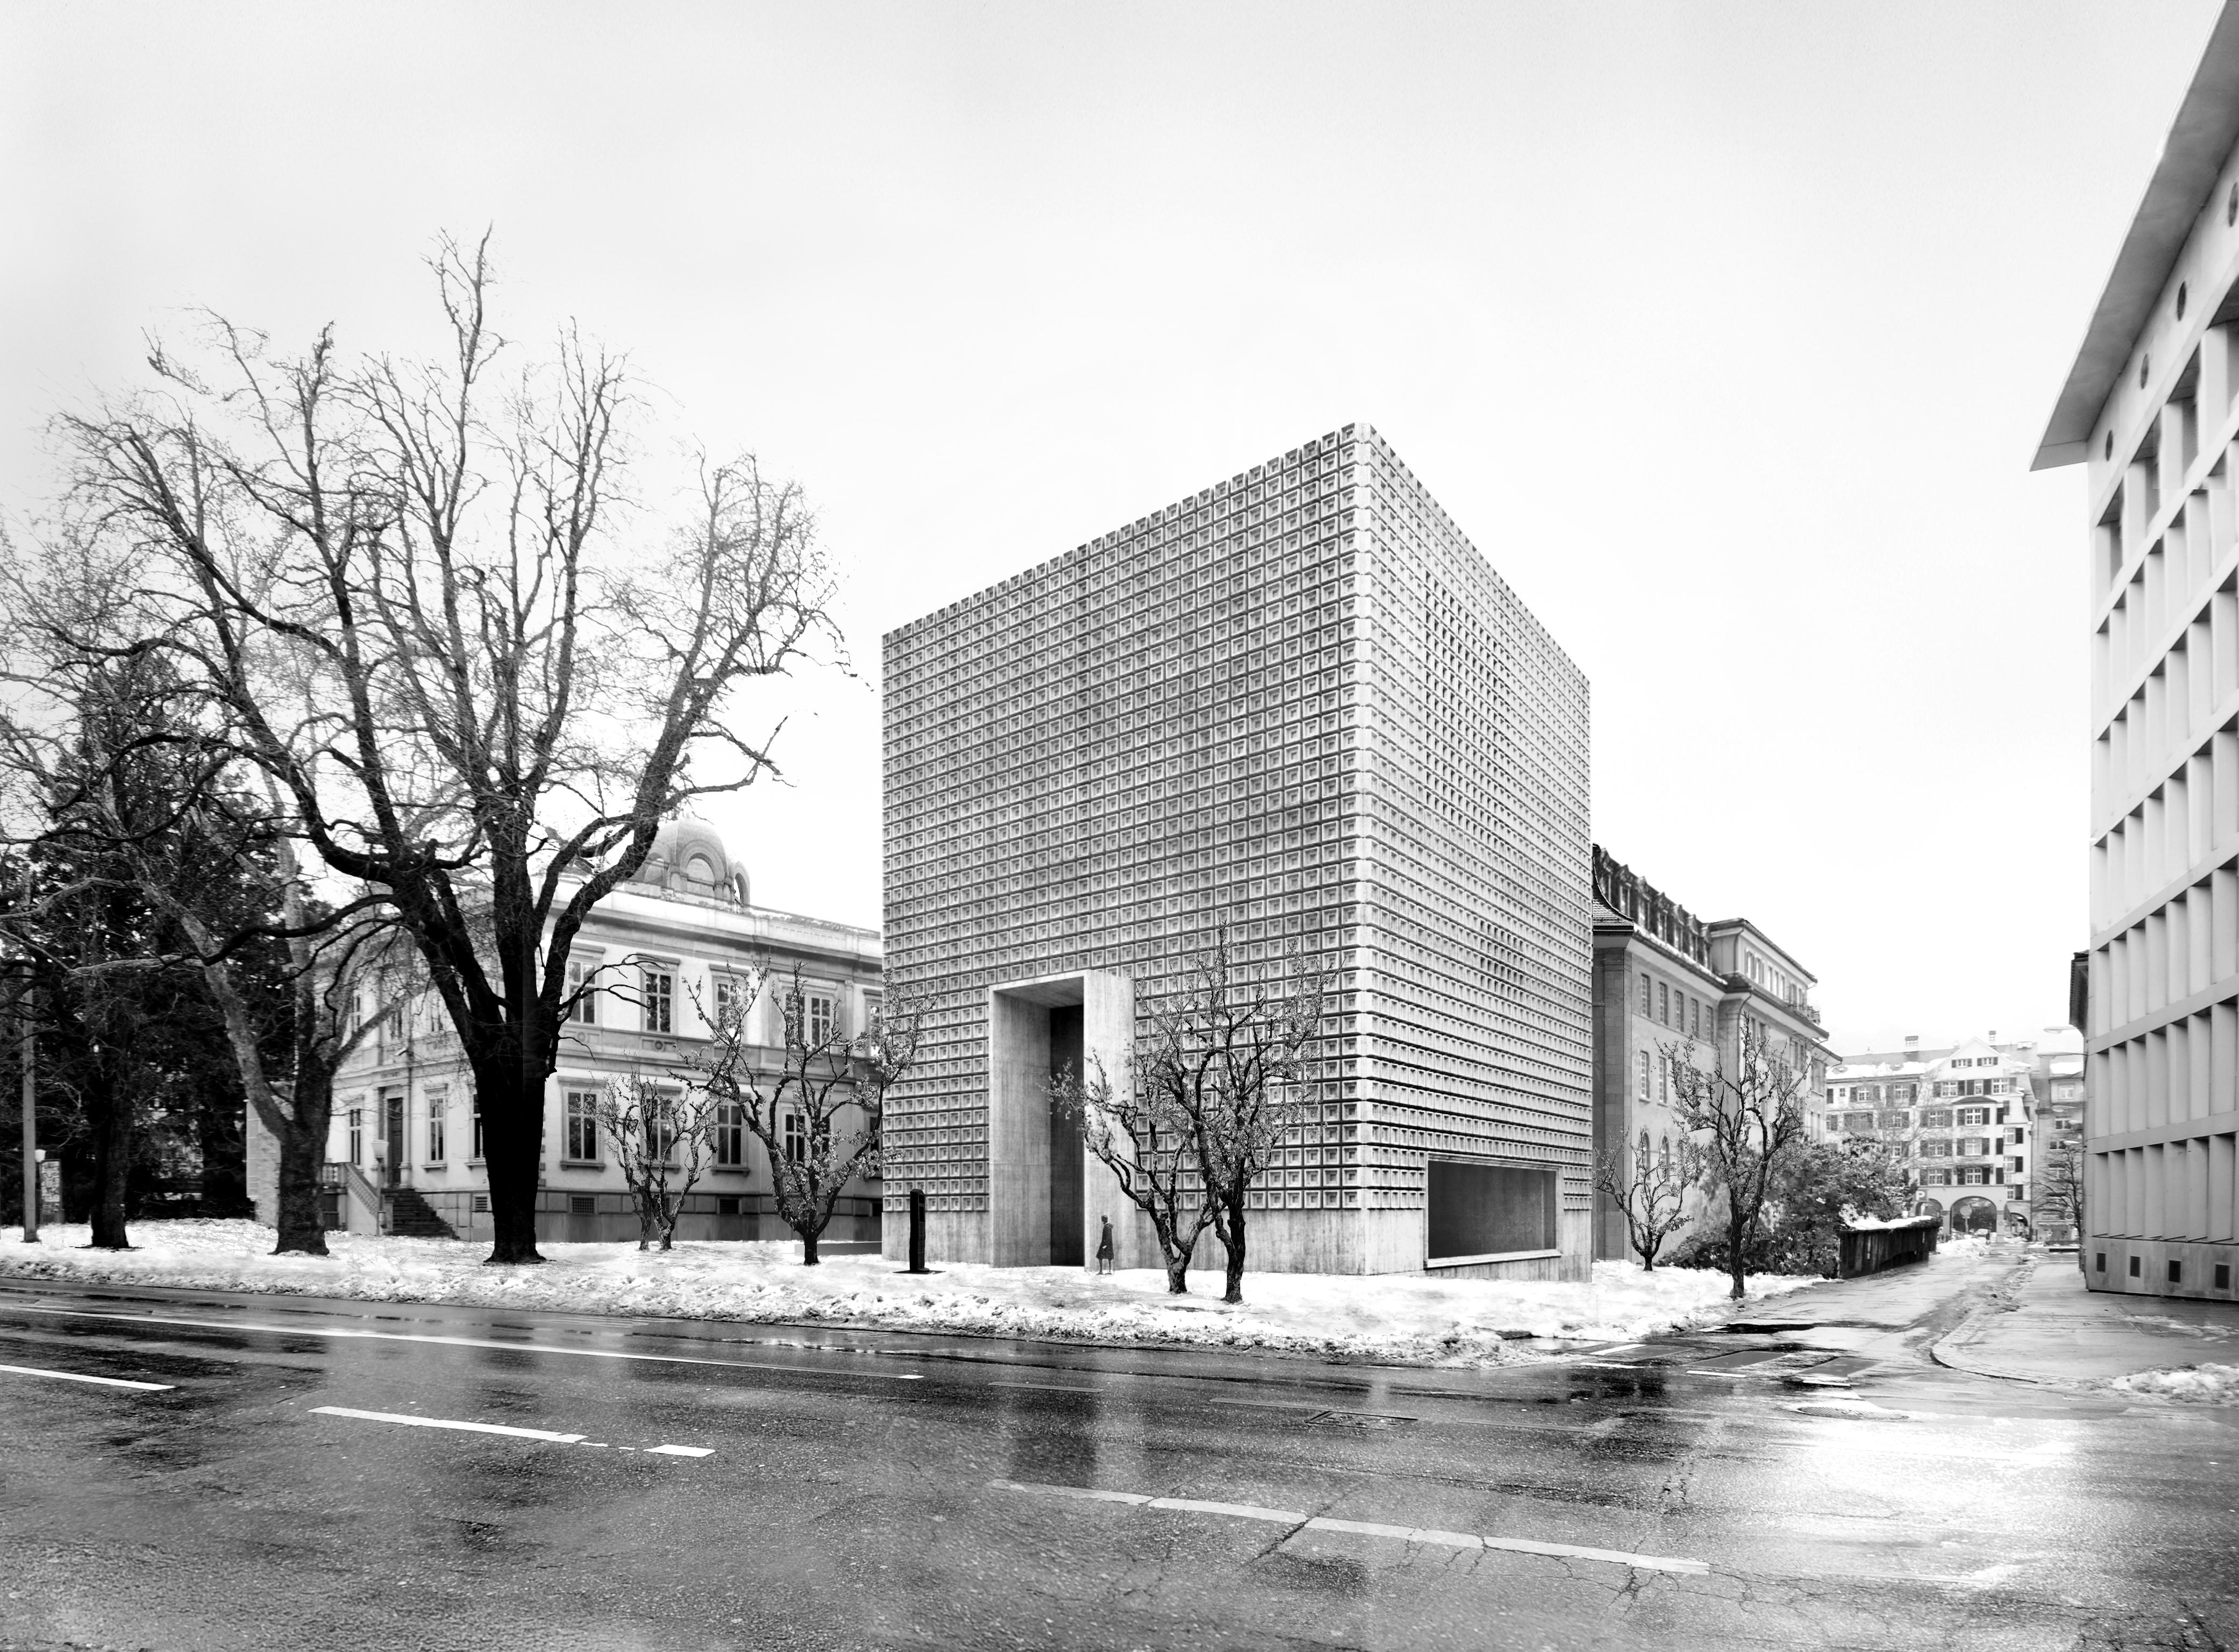 Uschia duess l'edifizi nov per il museum d'art da Cuira vesair ora.